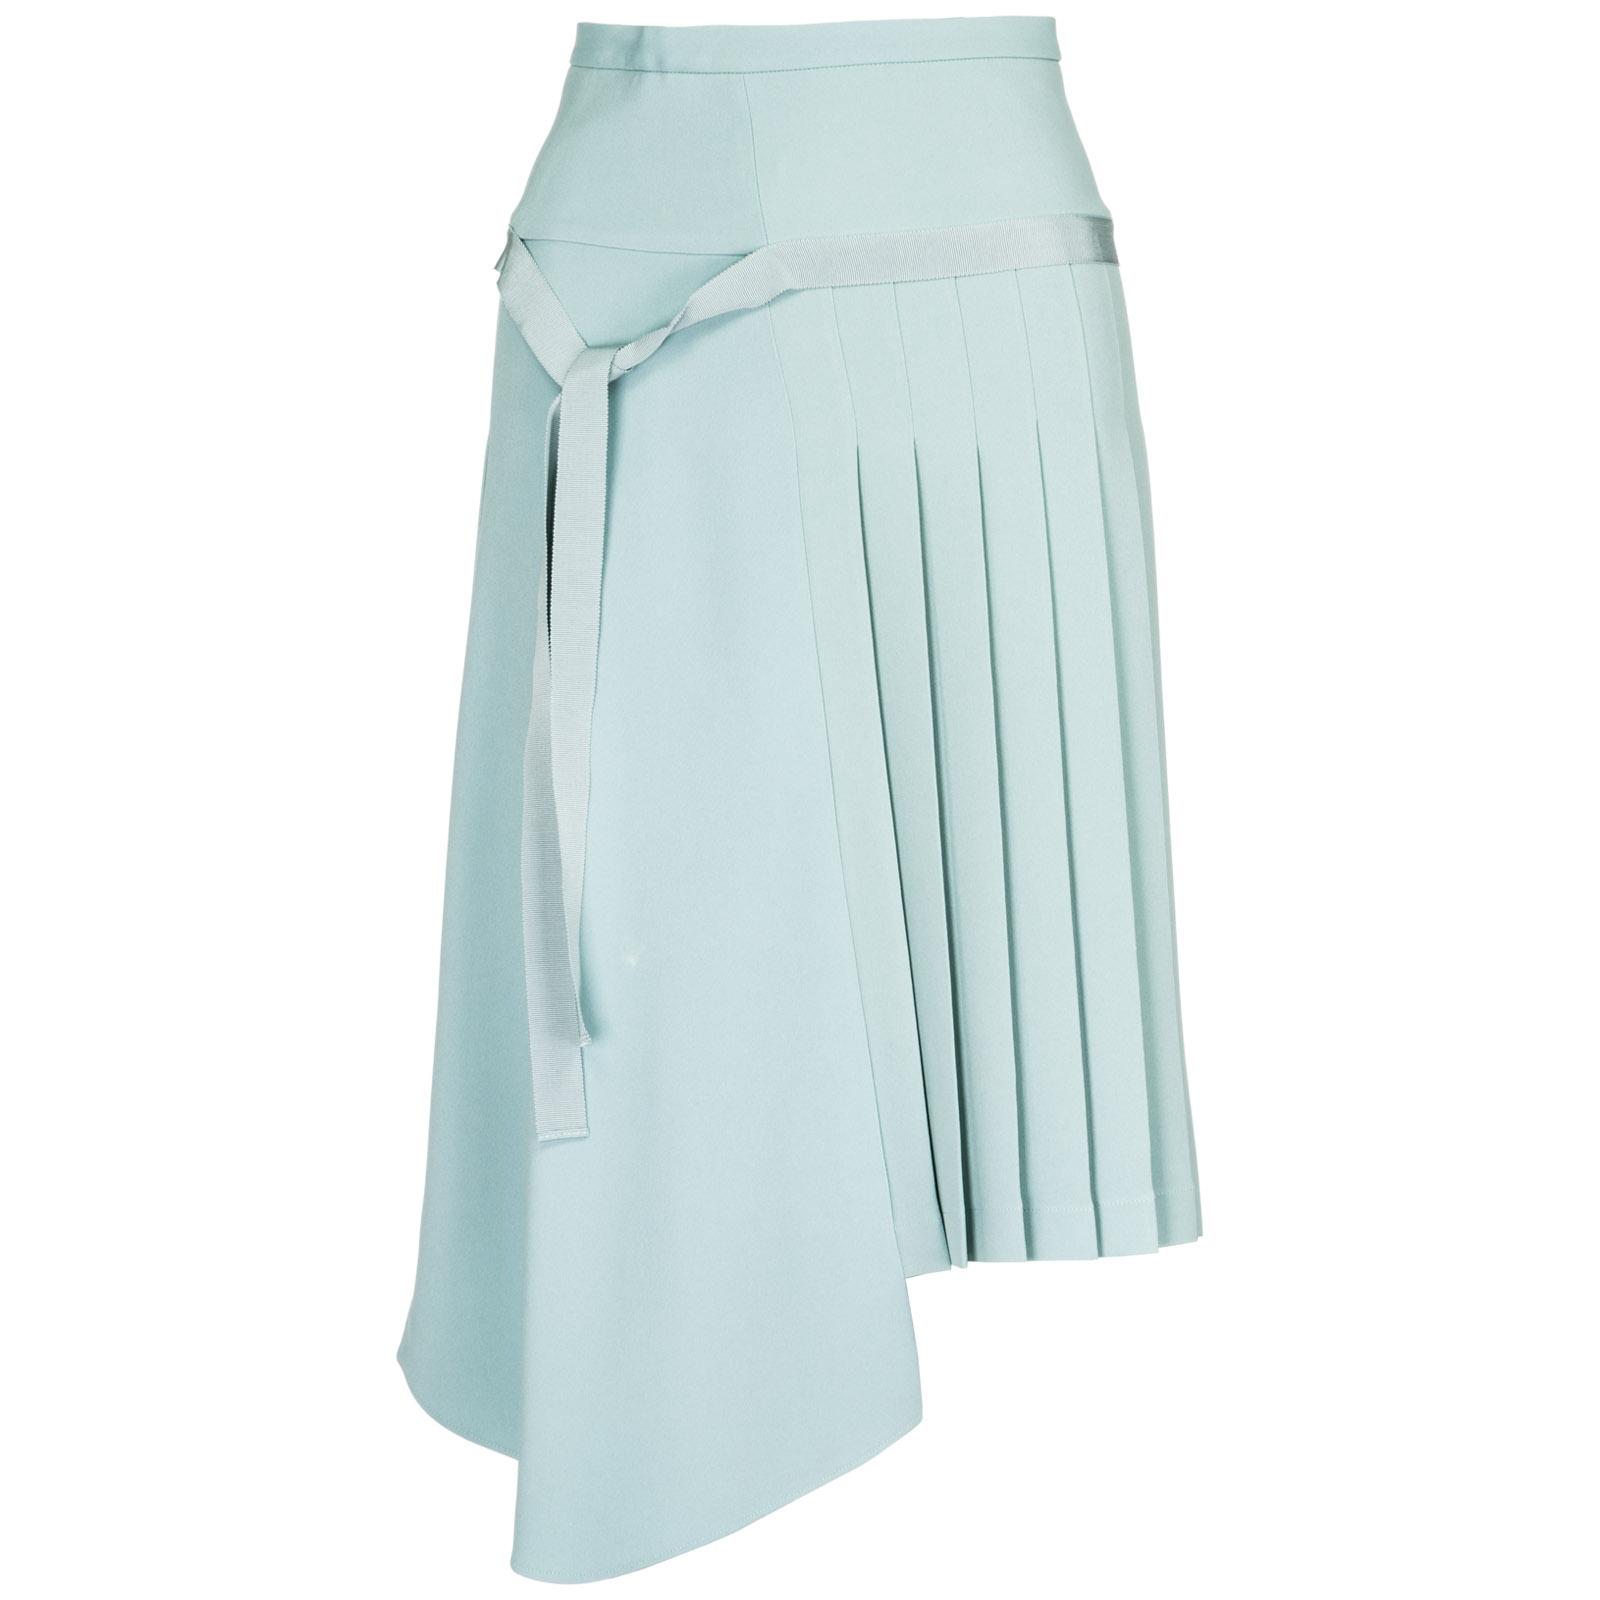 Women's skirt knee length midi